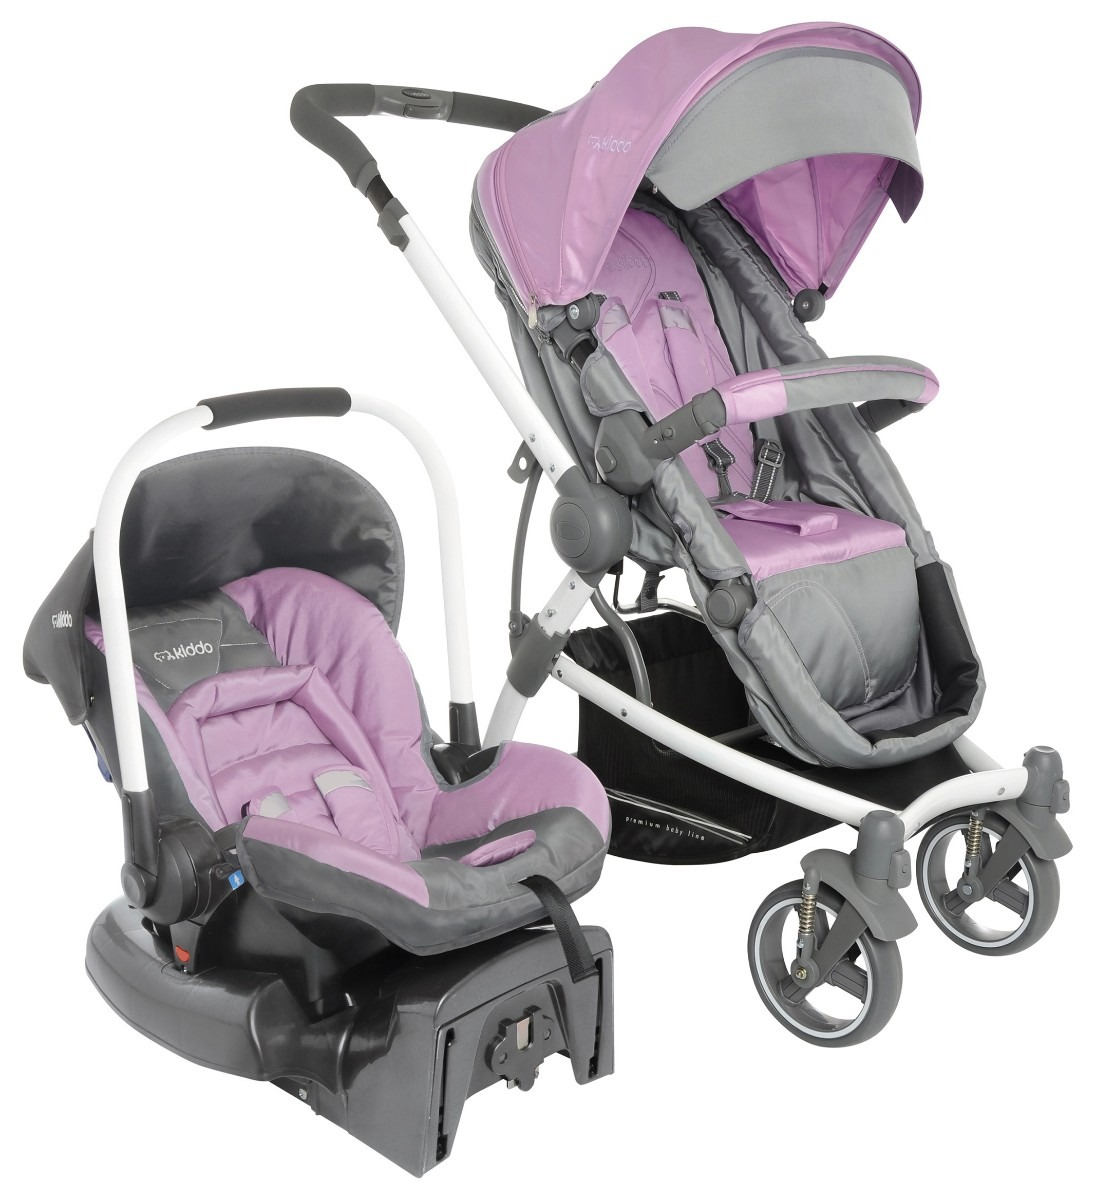 44cb4c0a6a425 carrinho com bebe conforto aspen lenox kiddo travel system. Carregando zoom.